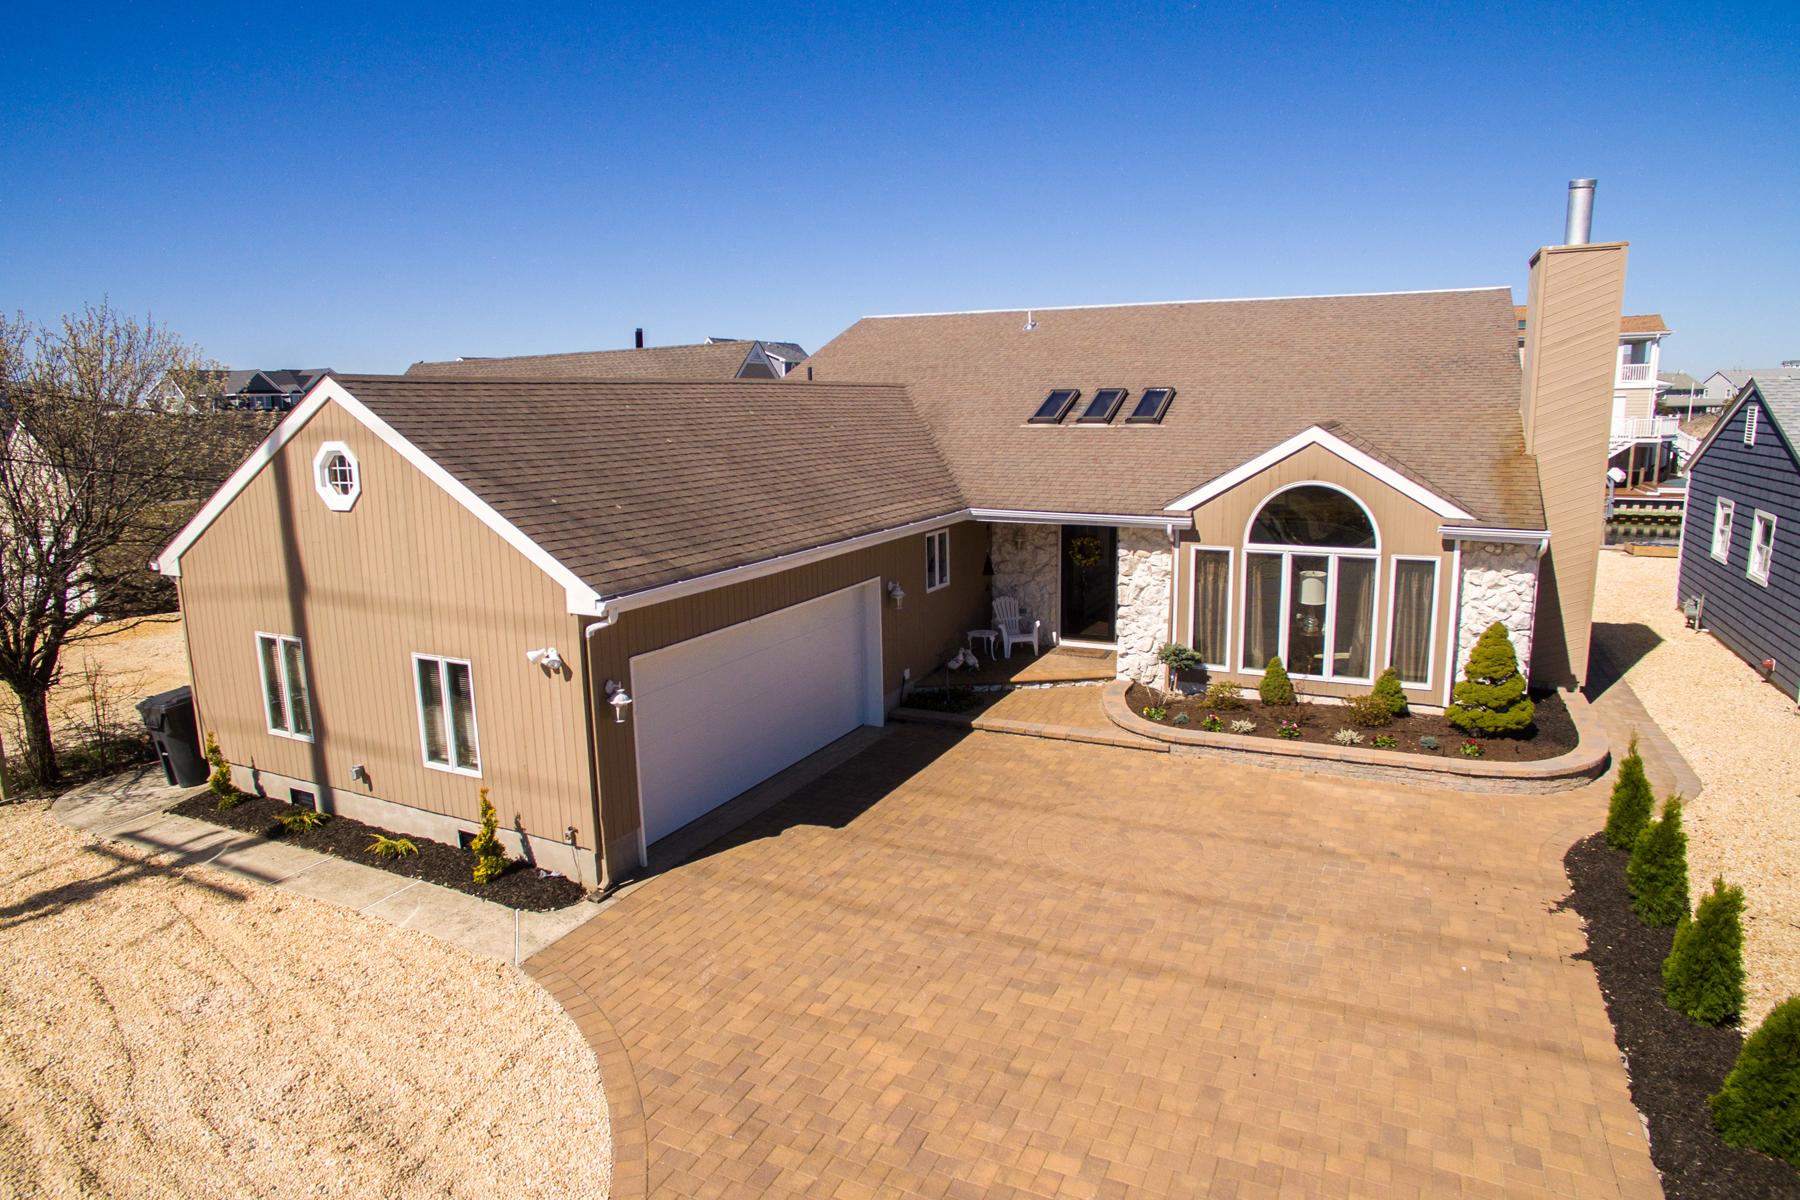 Maison unifamiliale pour l Vente à Custom Designed Lagoon Front Cape Overlooking Ellis Tide Pond 531 Route 35 South Normandy Beach, New Jersey, 08739 États-Unis